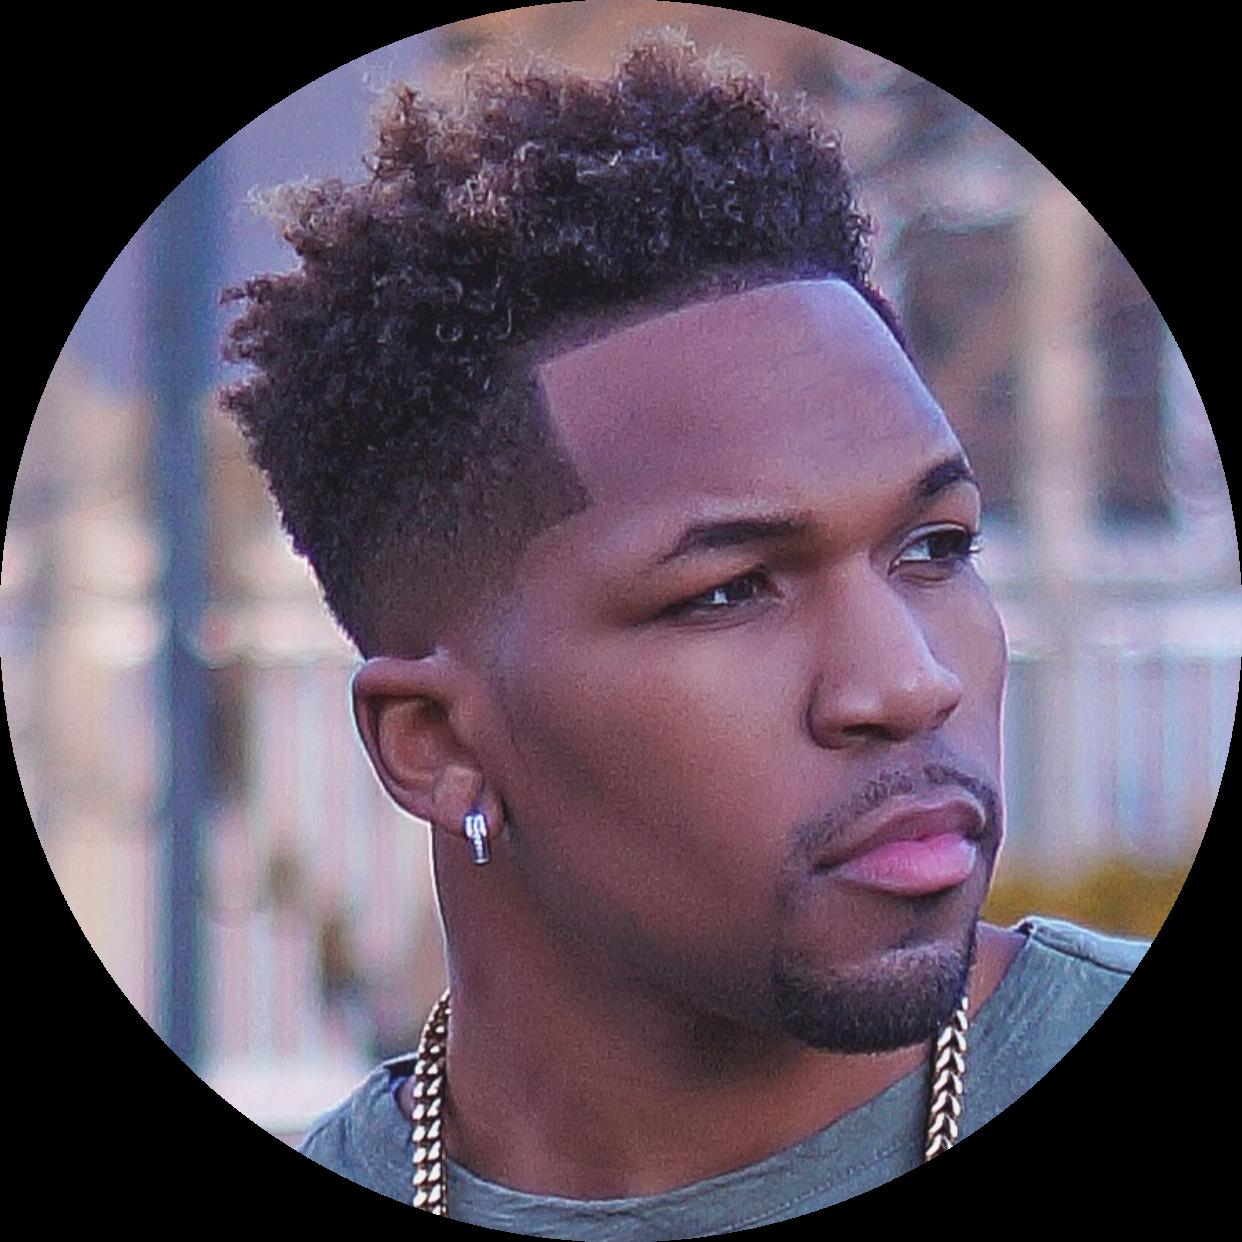 Desmond Dennis #ad (desmonddennis) Profile Image | Linktree